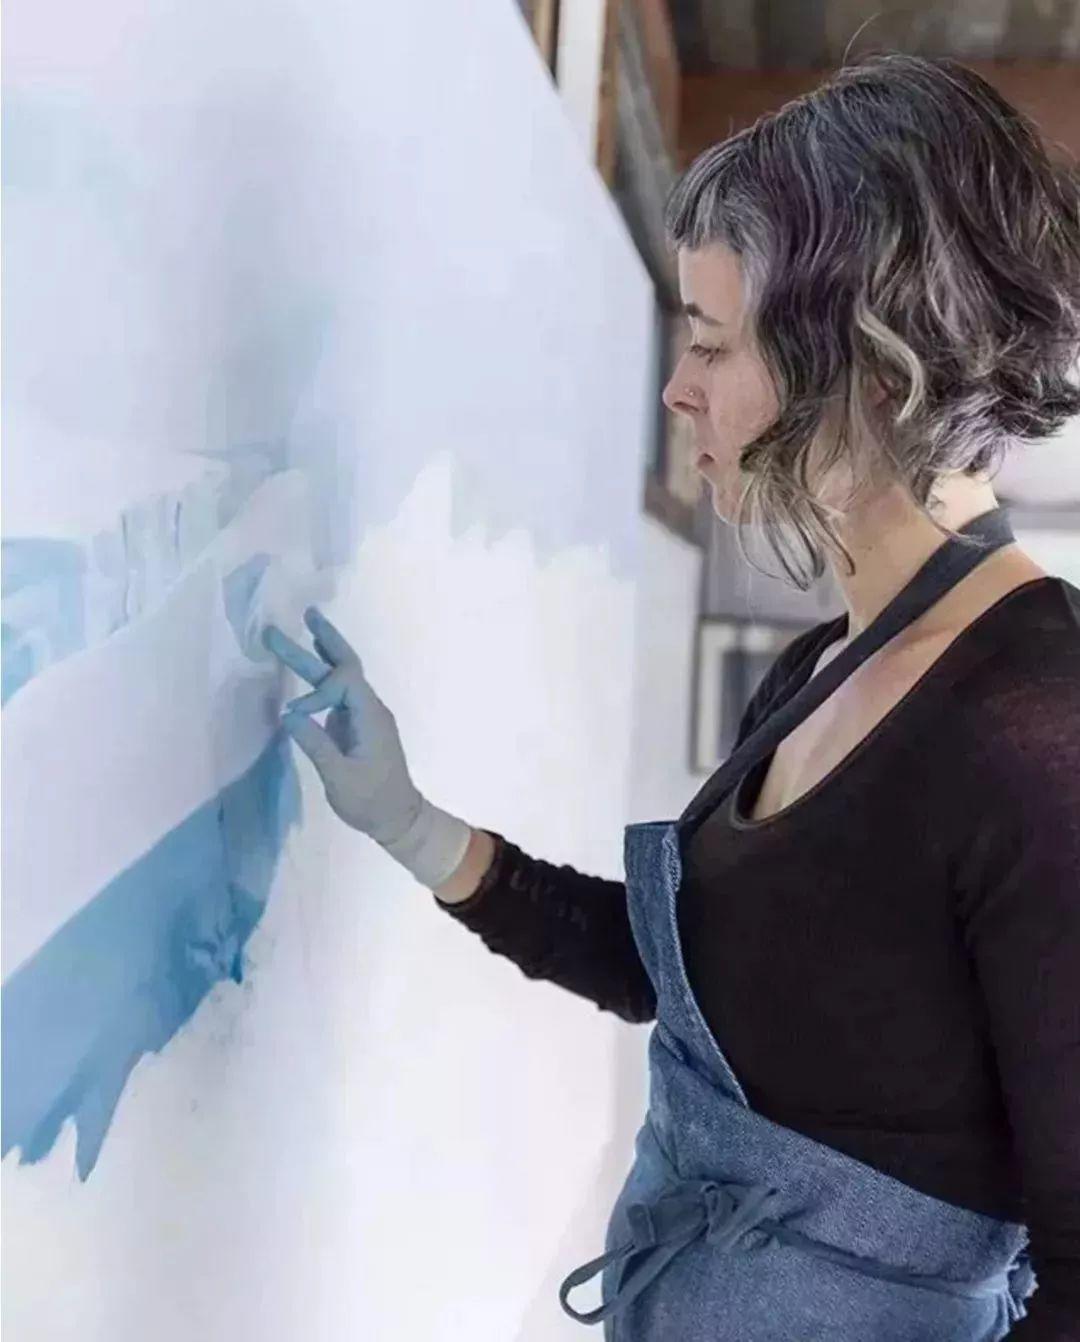 她用手指画出震撼的冰山,俘获上千万粉丝的心插图37